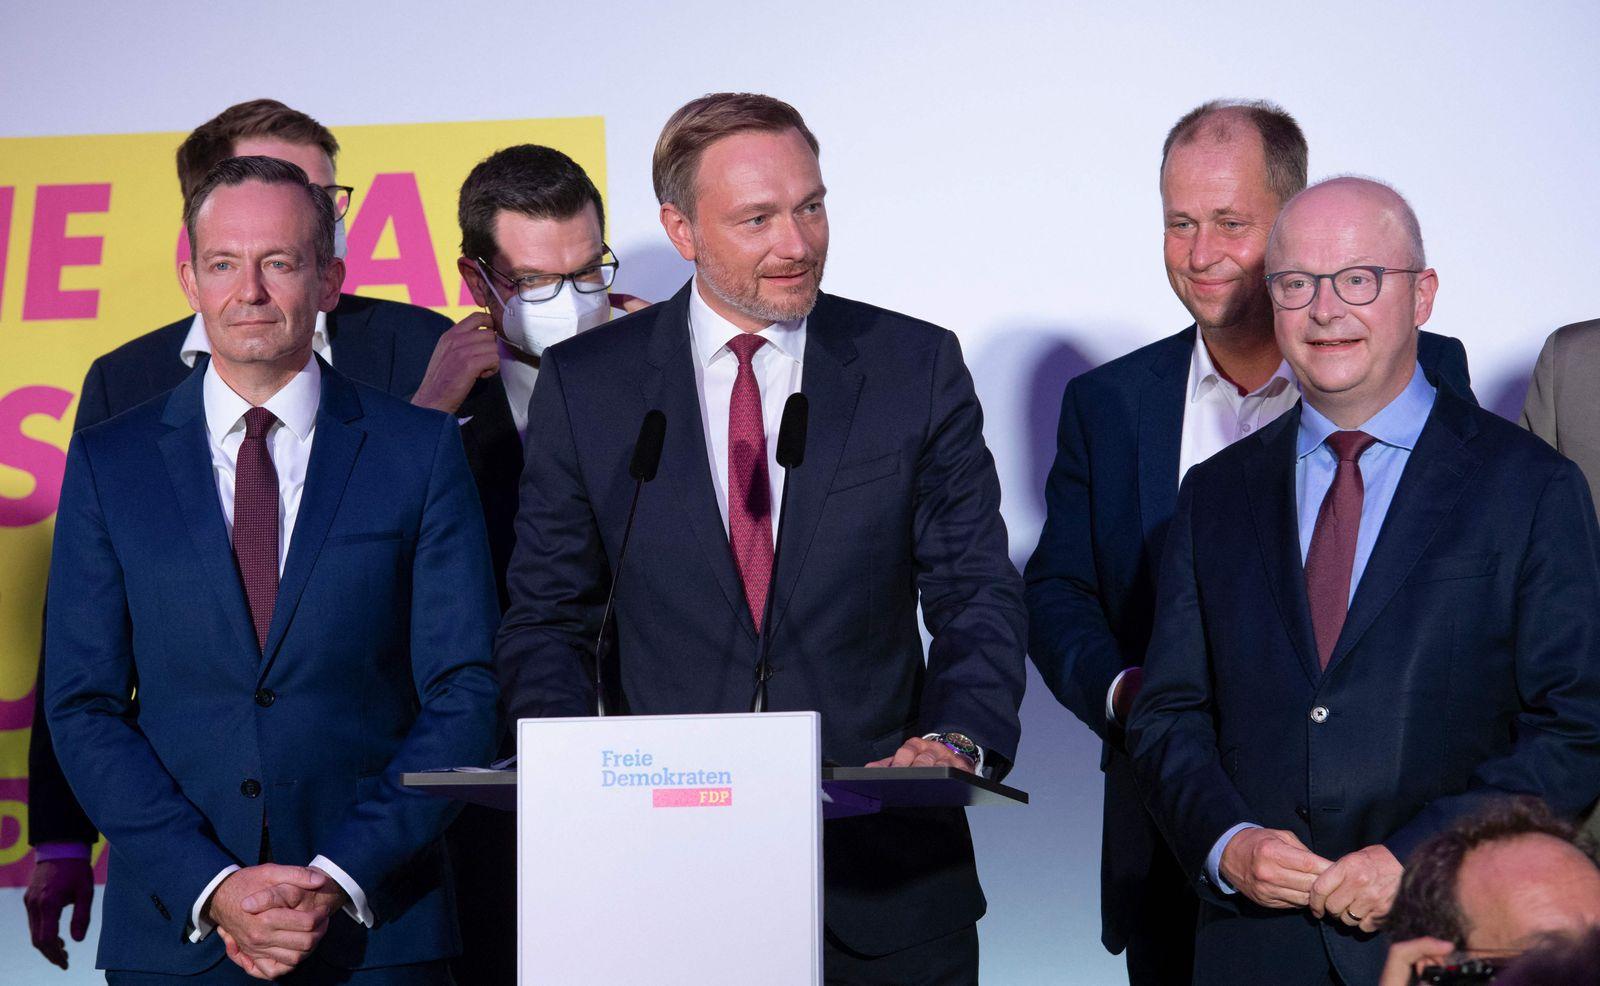 GERMANY-POLITICS-VOTE-ELECTION-FDP